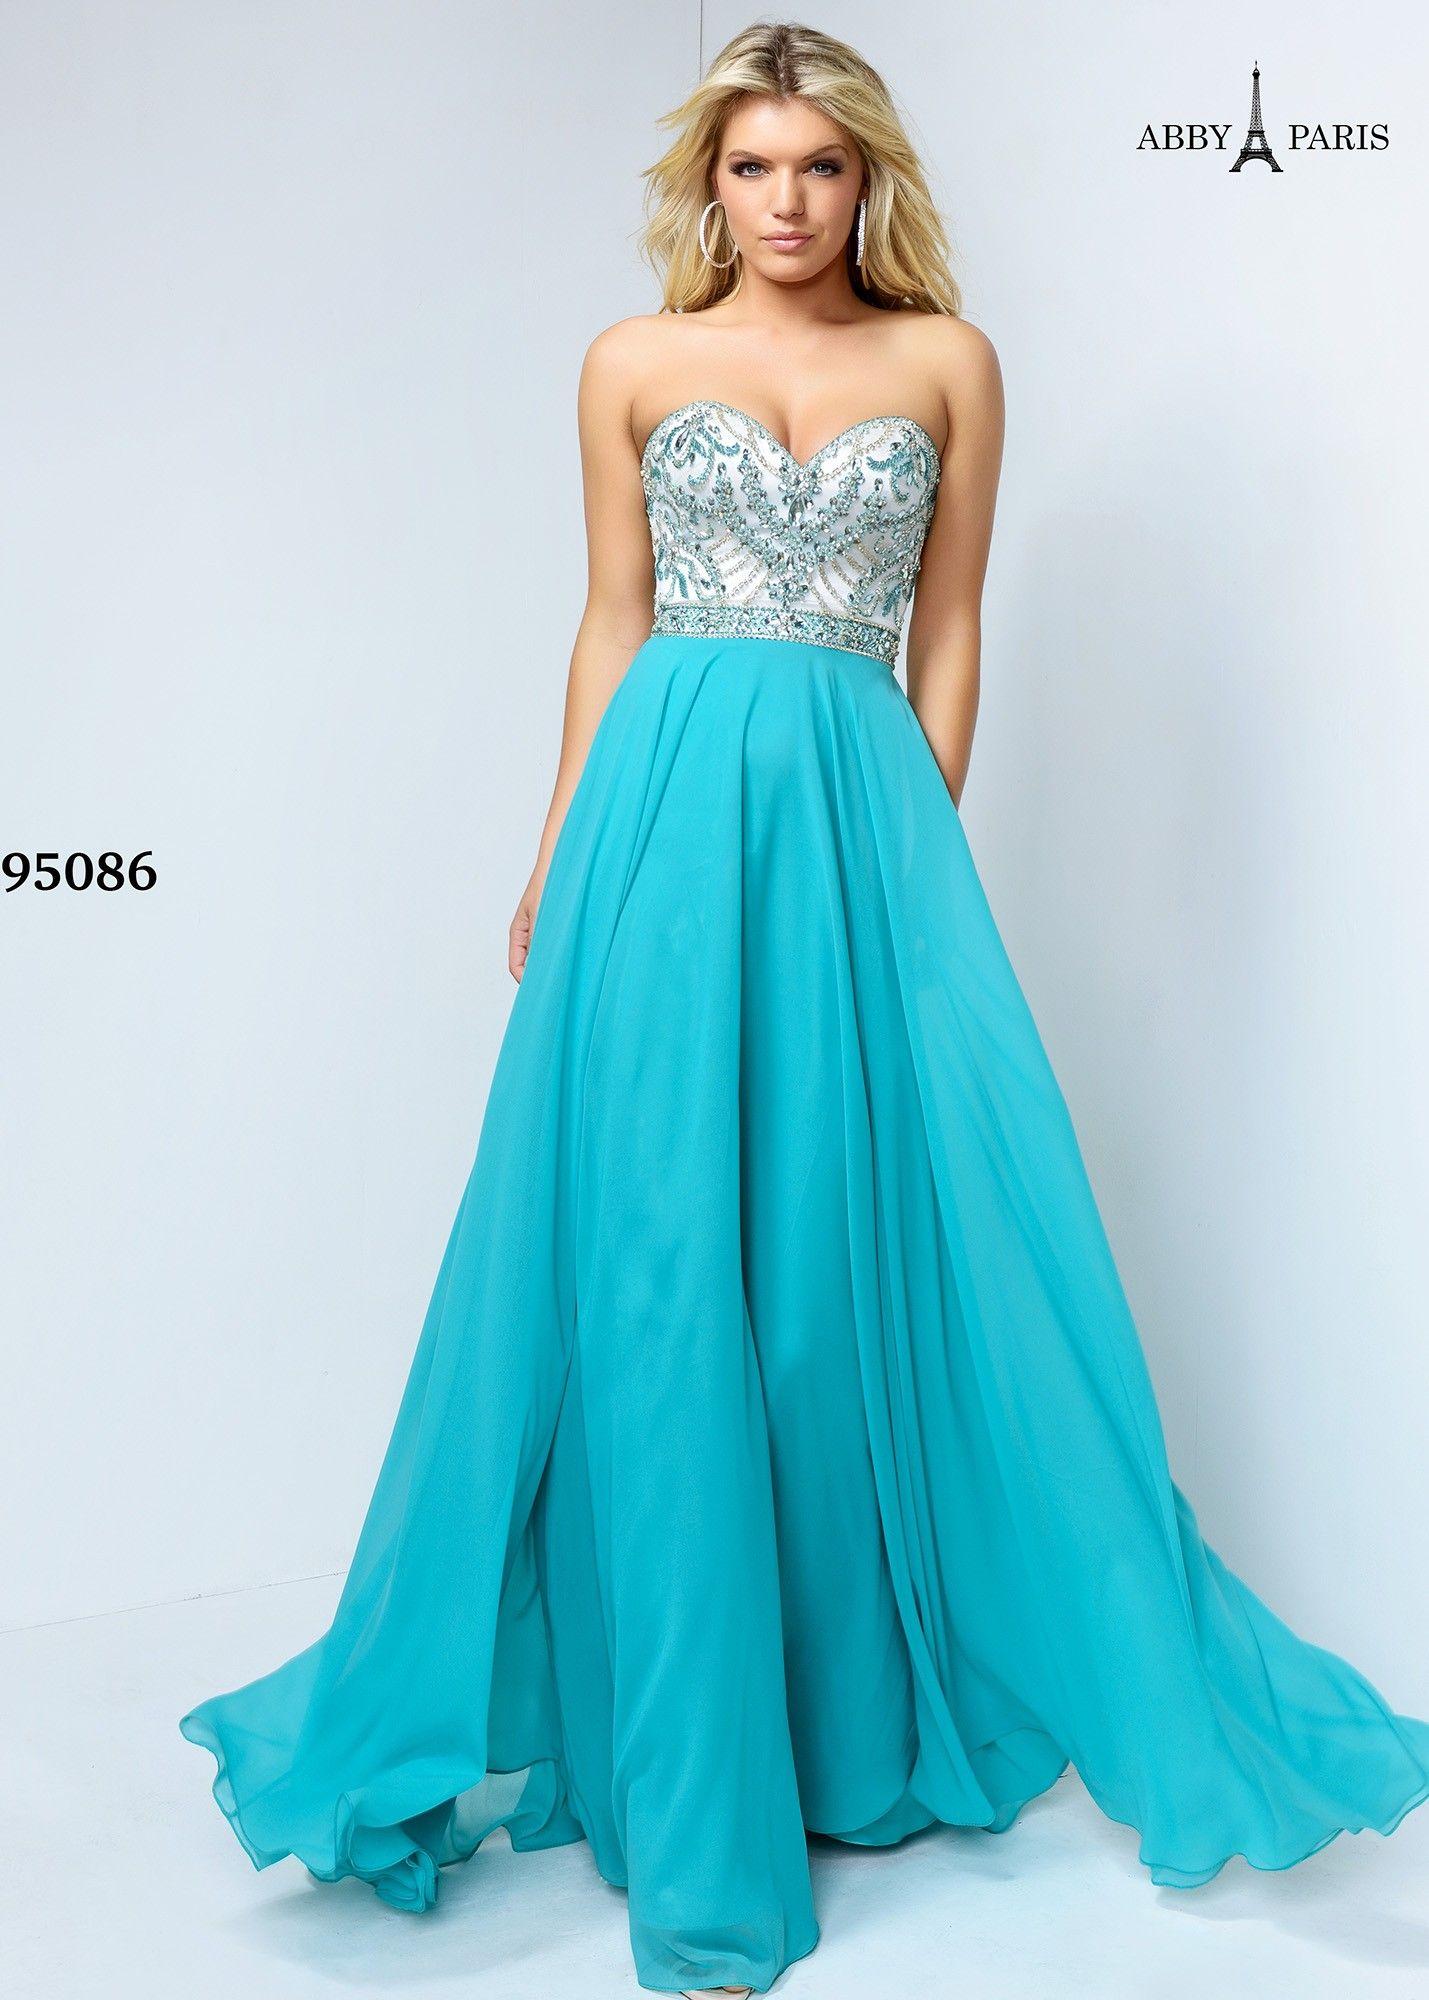 Image result for lucci lu 95086x teal | FORMAL DRESSES | Pinterest ...